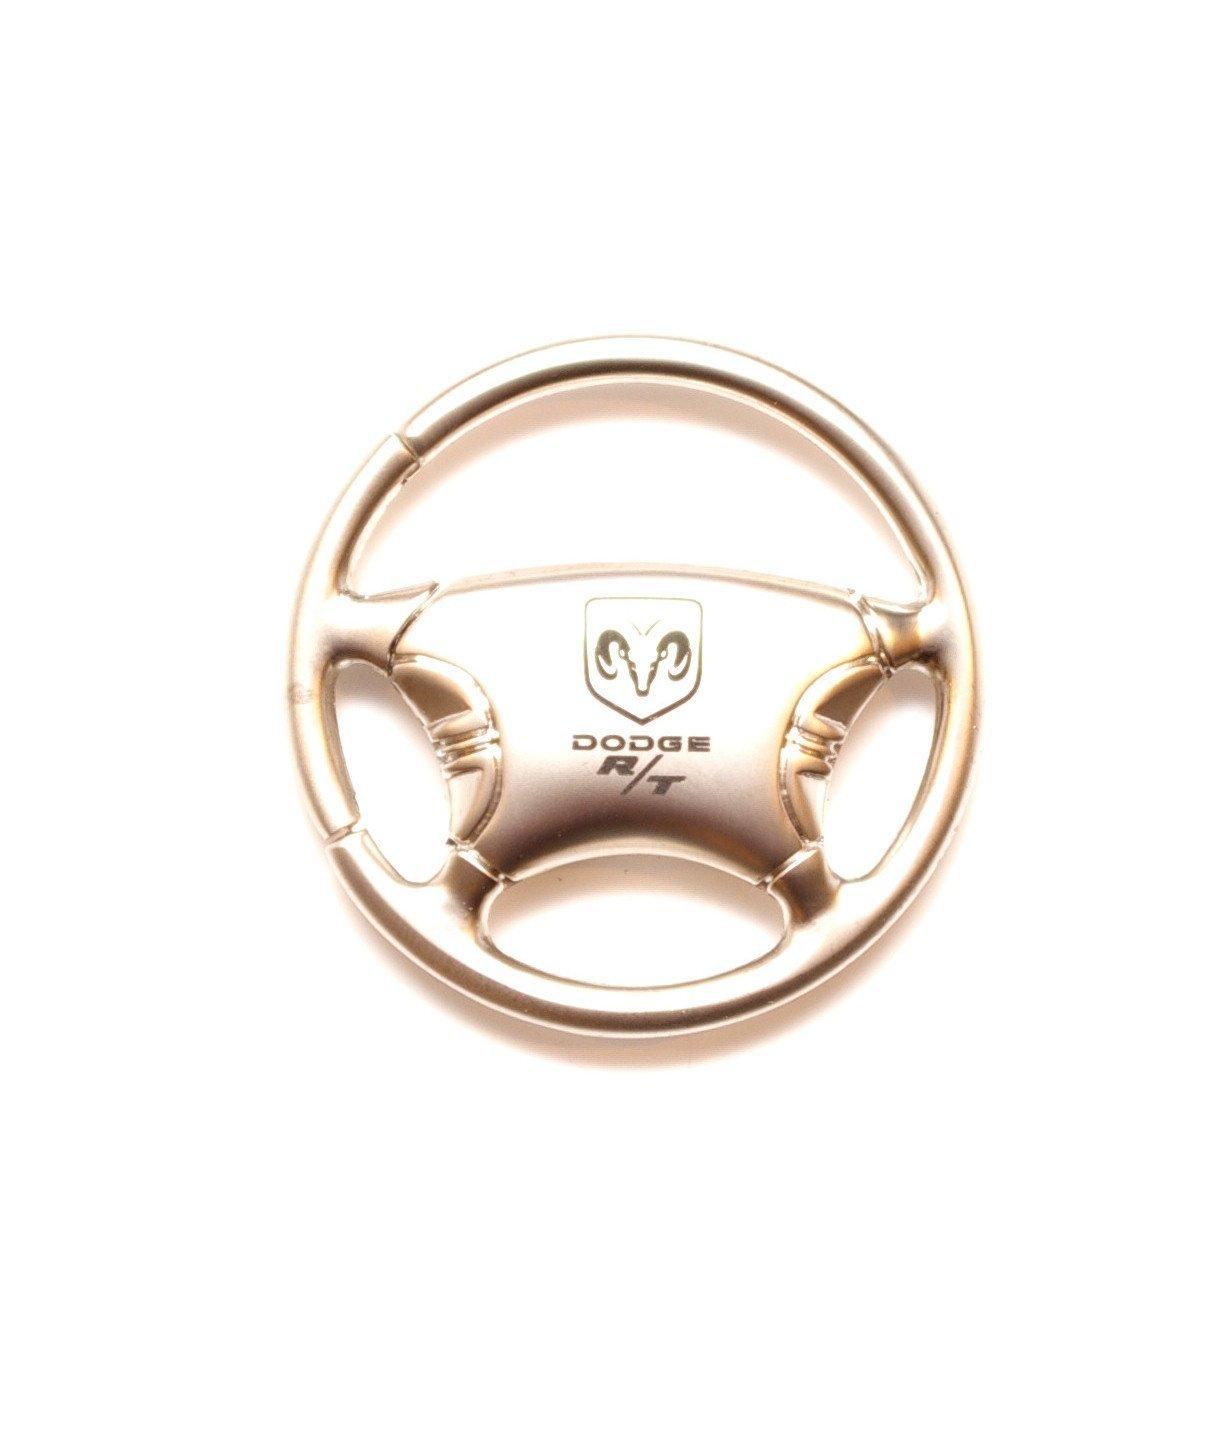 Amazon.com: Dodge R/T Llavero & Llavero – Volante: Automotive